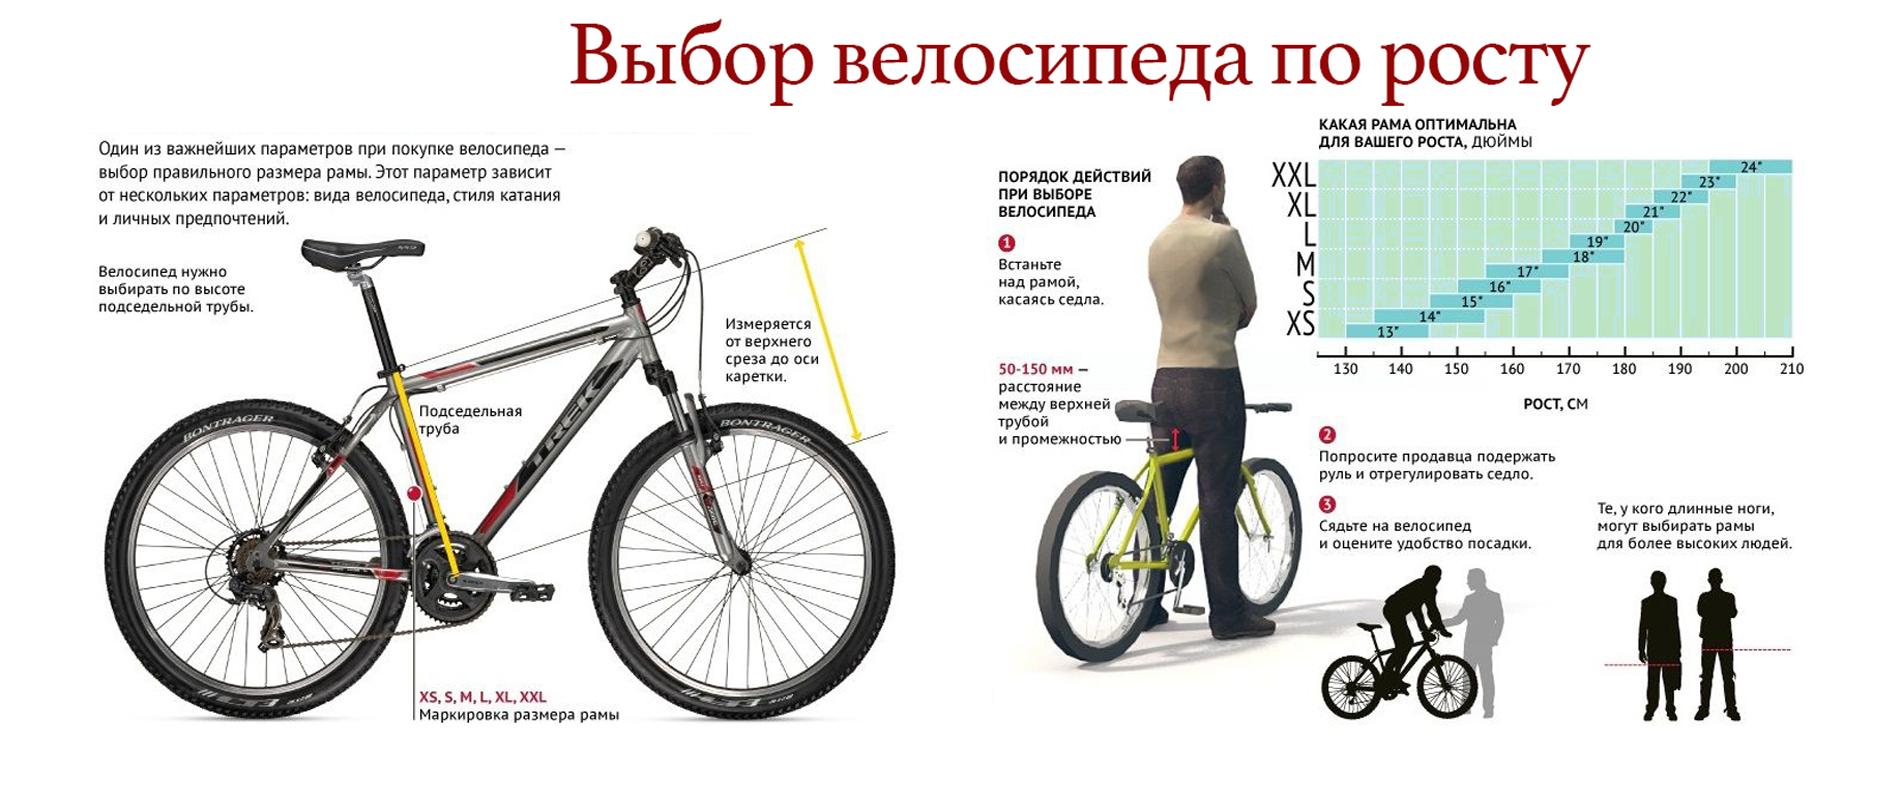 Как выбрать велосипед для ребенка, чтобы он радовался и был счастлив :: инфониак